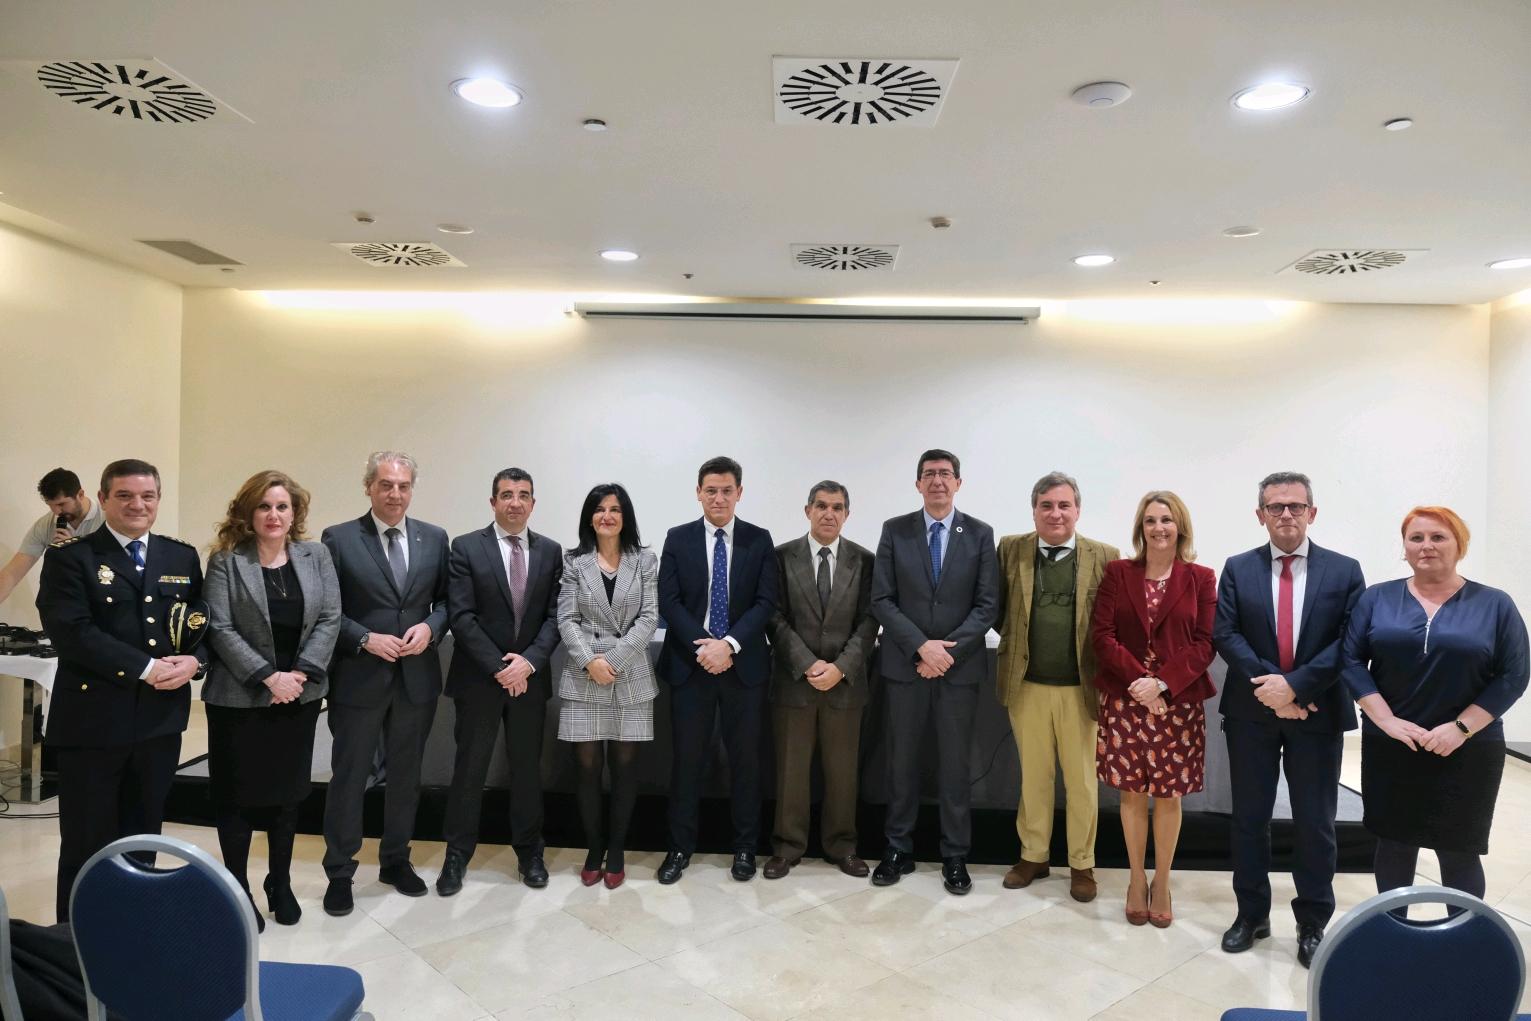 El edificio judicial de Caleta estará completamente operativo tras la reforma en el segundo semestre de 2021